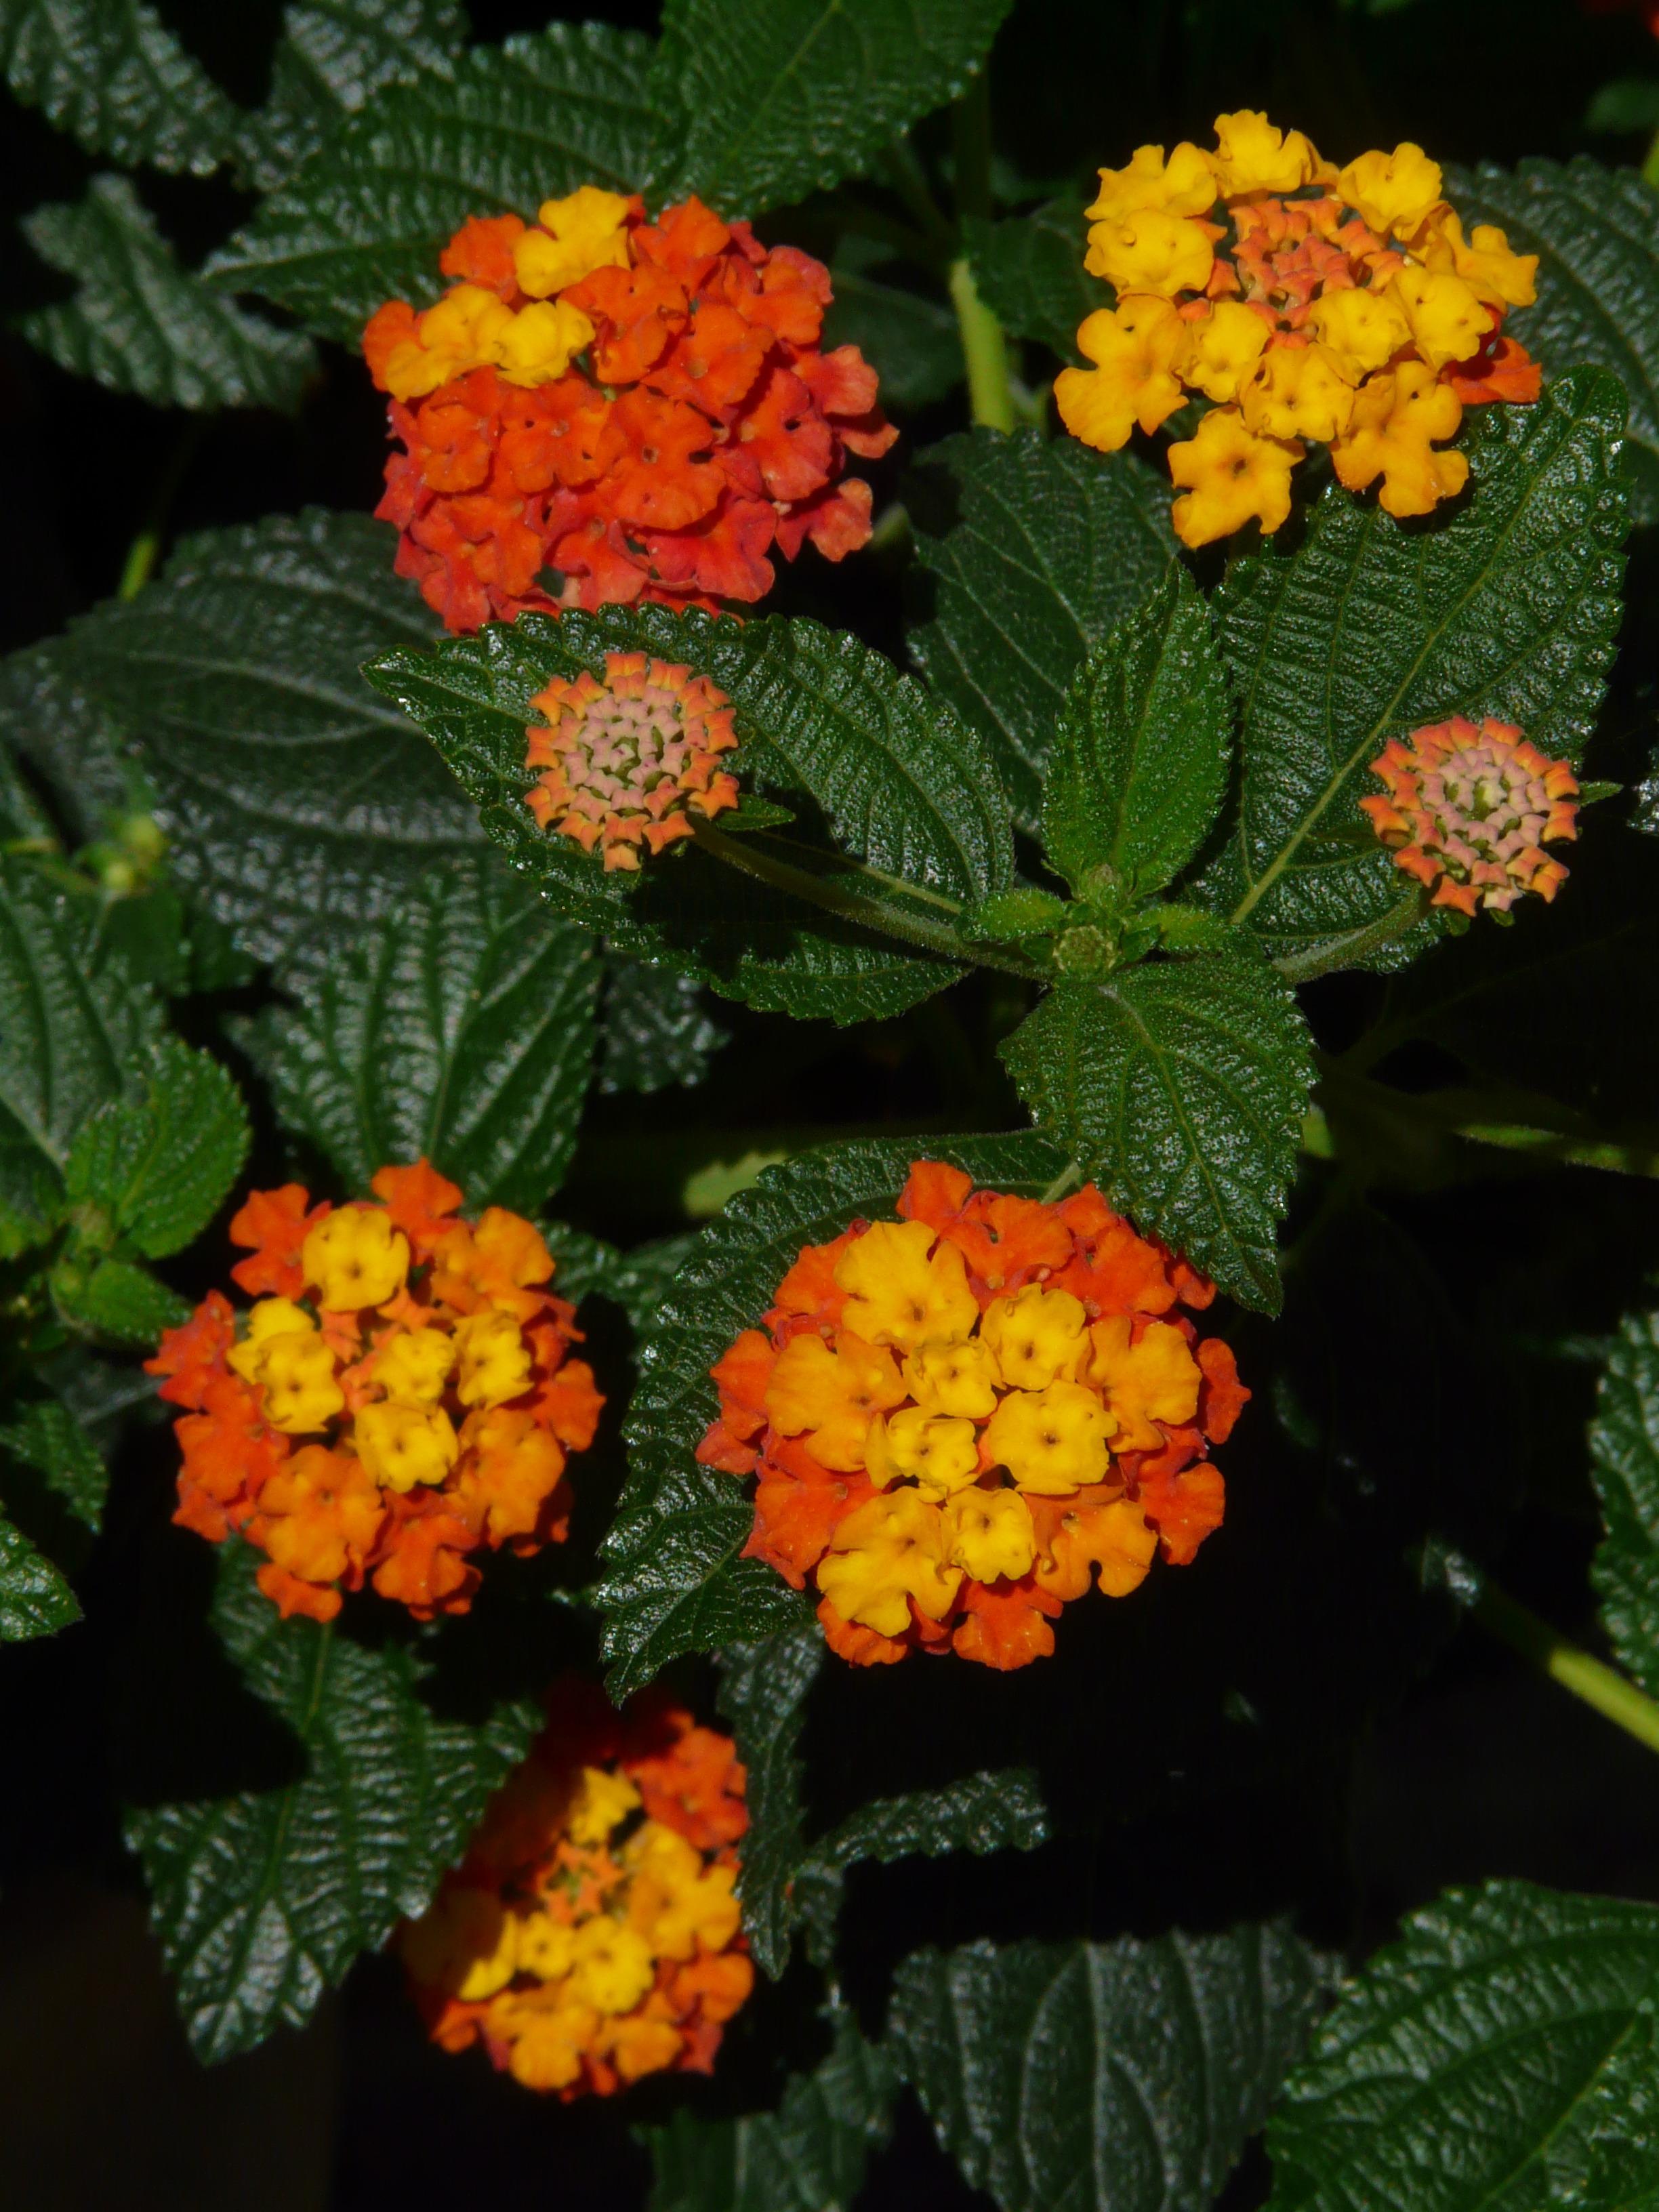 Images Gratuites : fleur, Floraison, herbe, botanique, jaune, jardin ...